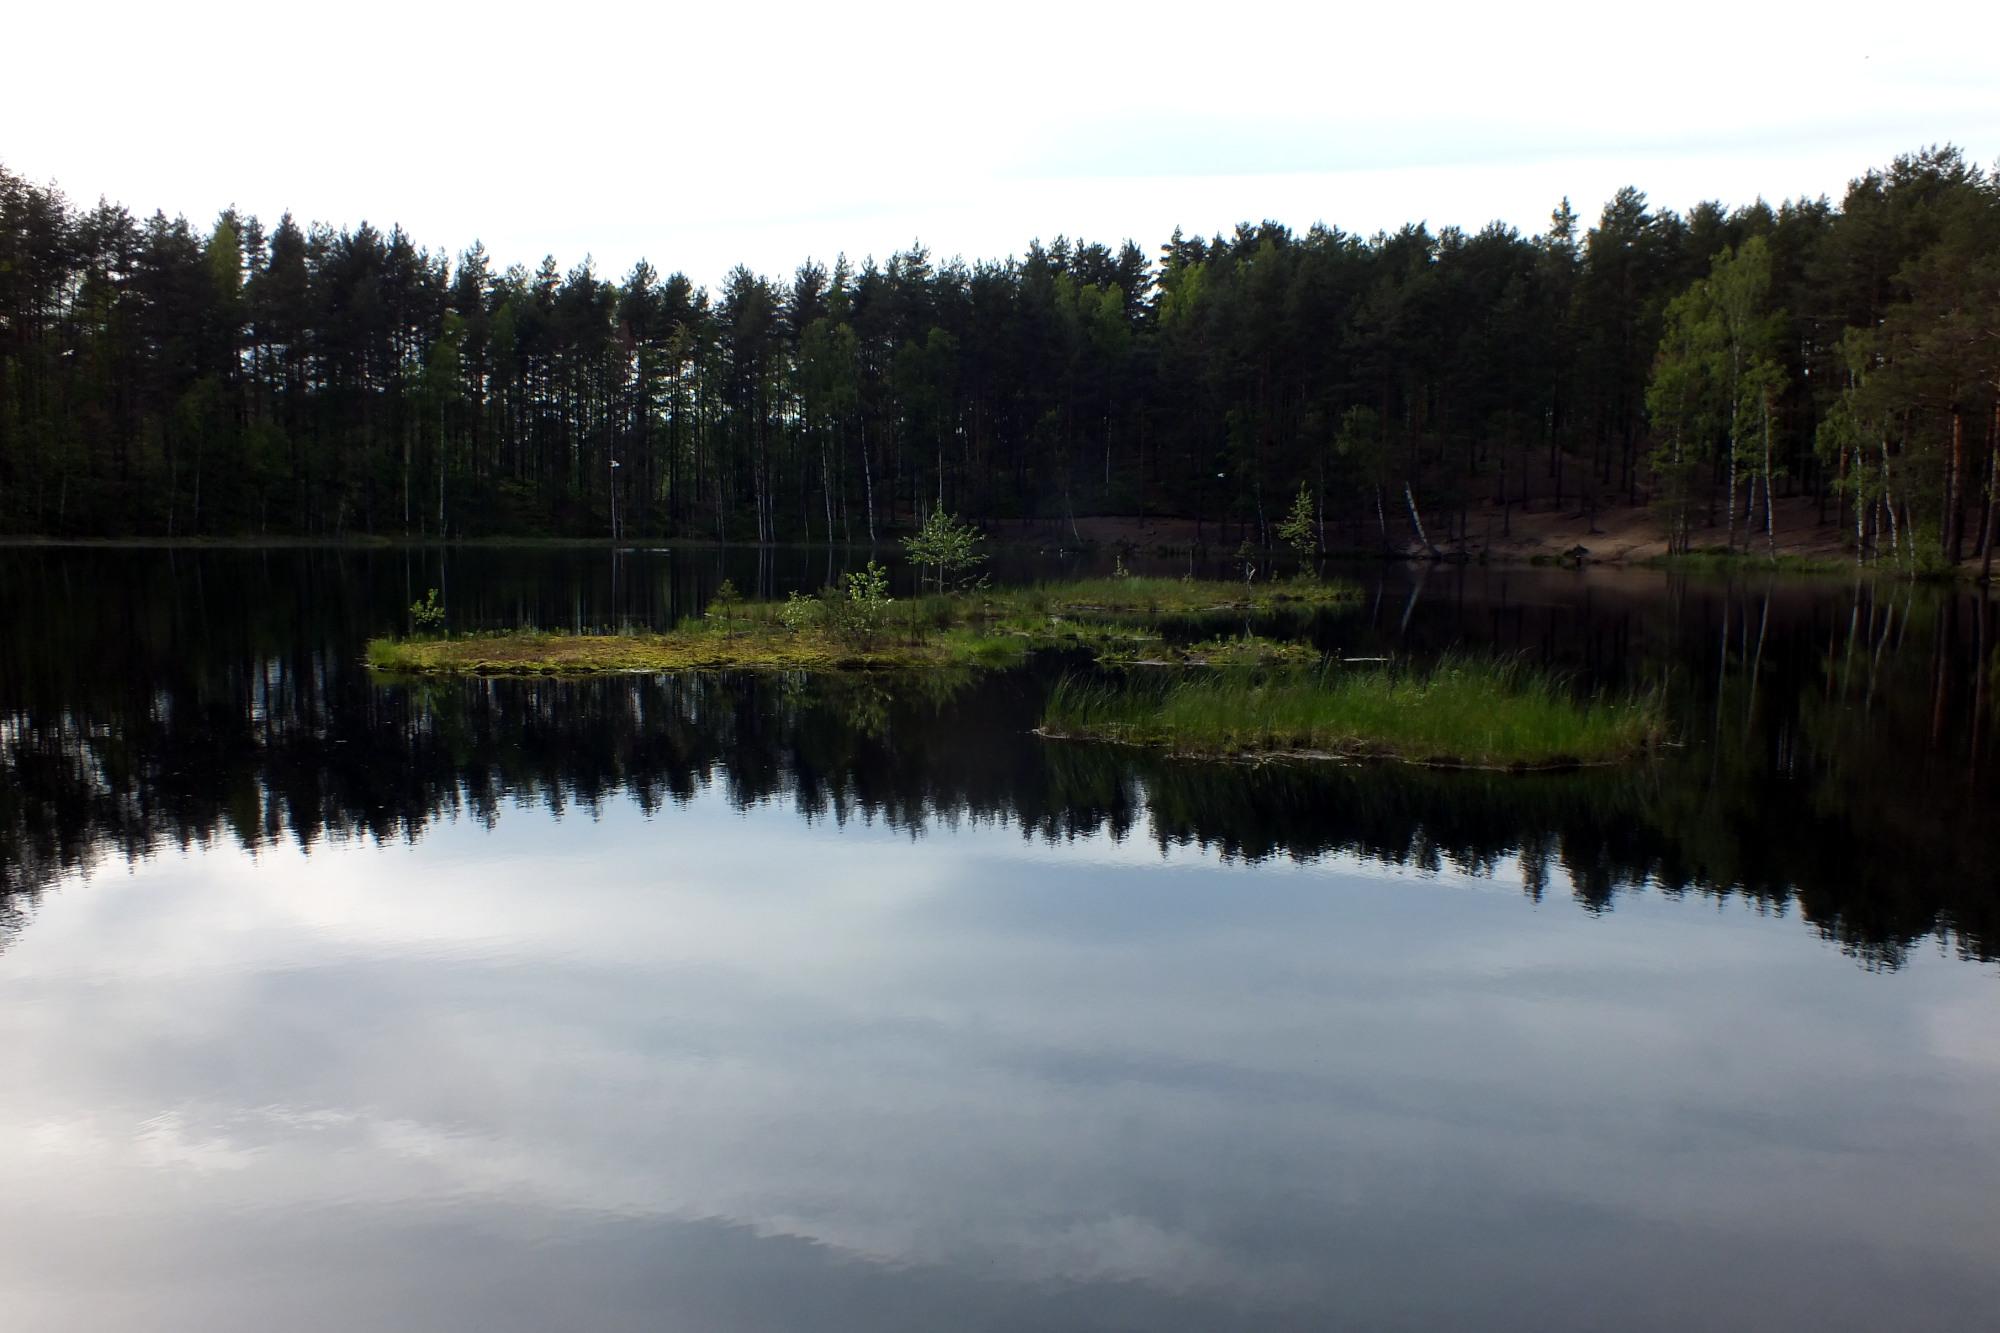 семиозерье озеро Алёнушка природа вода Карельский перешеек